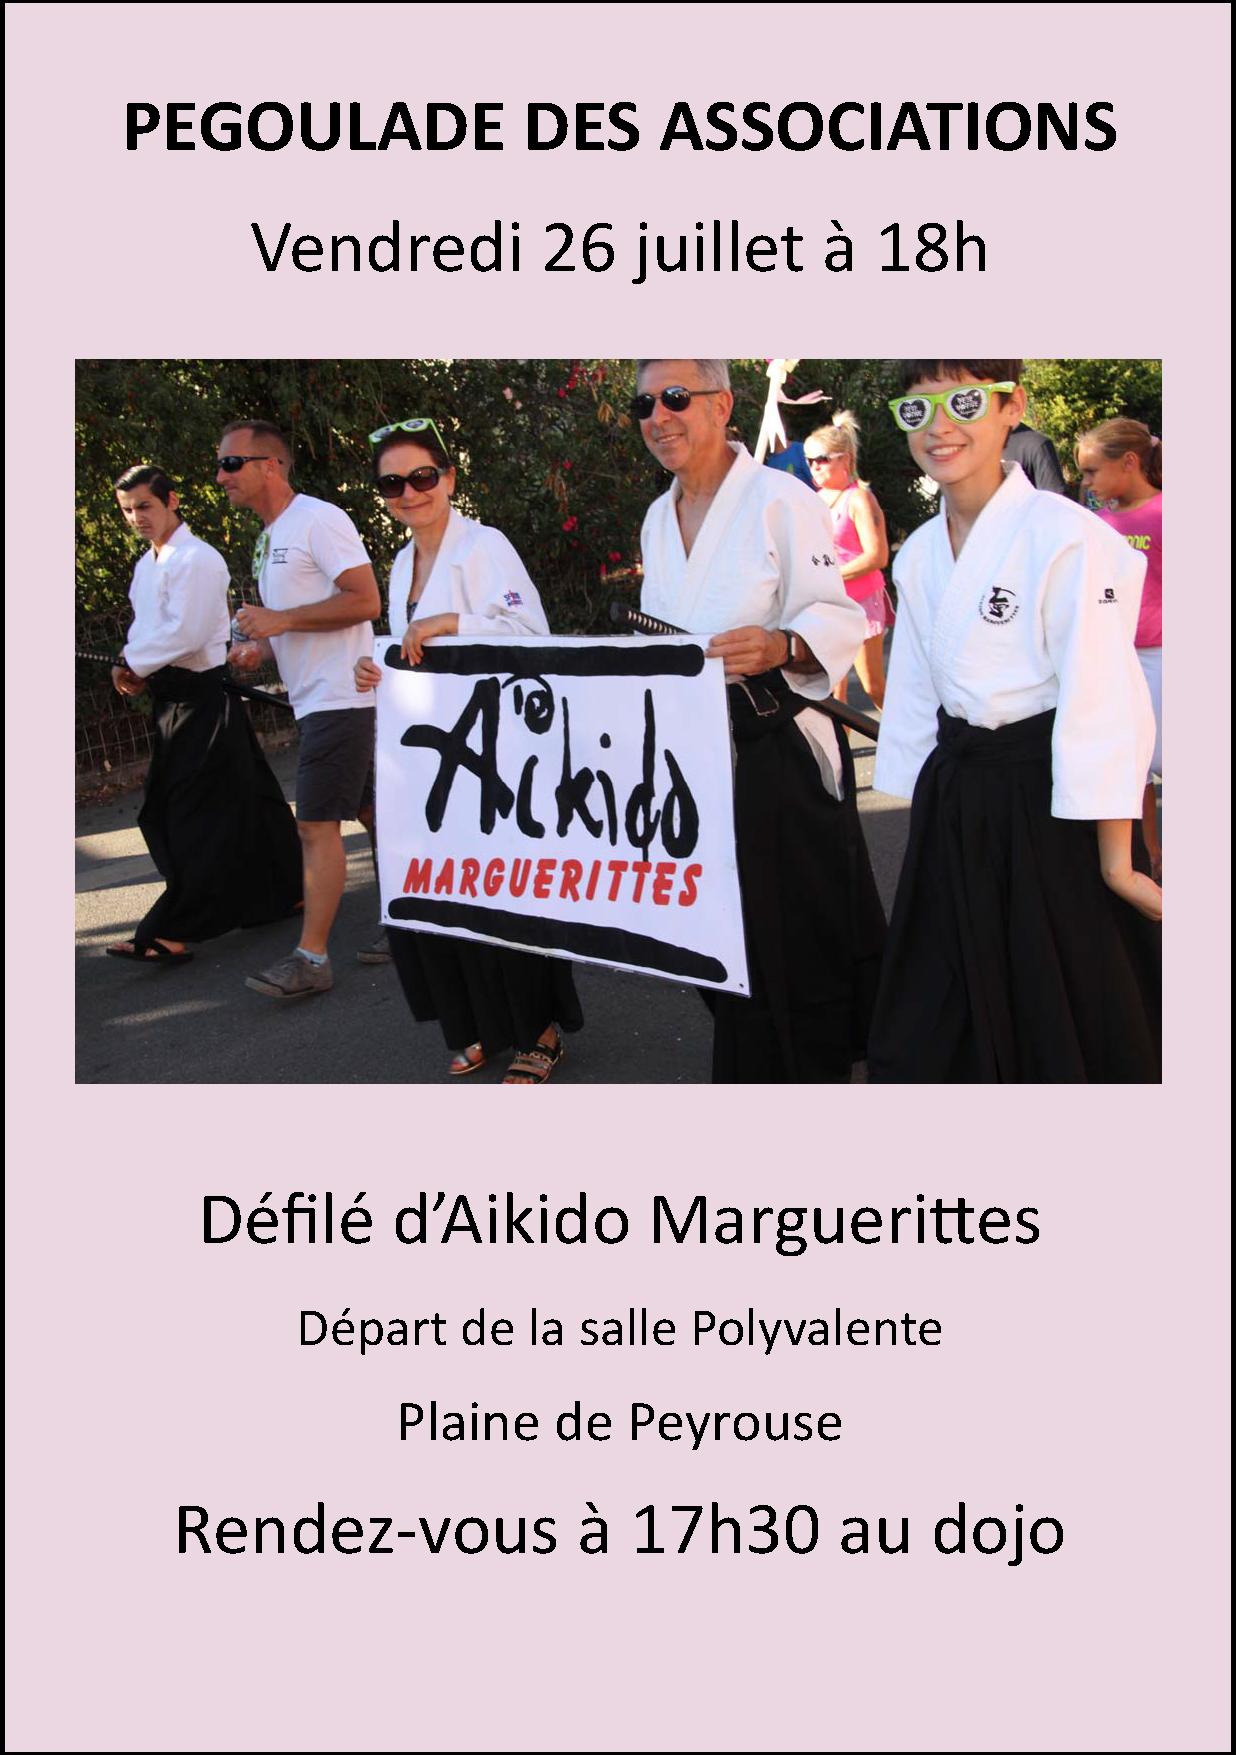 Pégoulade des Associations à Marguerittes le 26 juillet